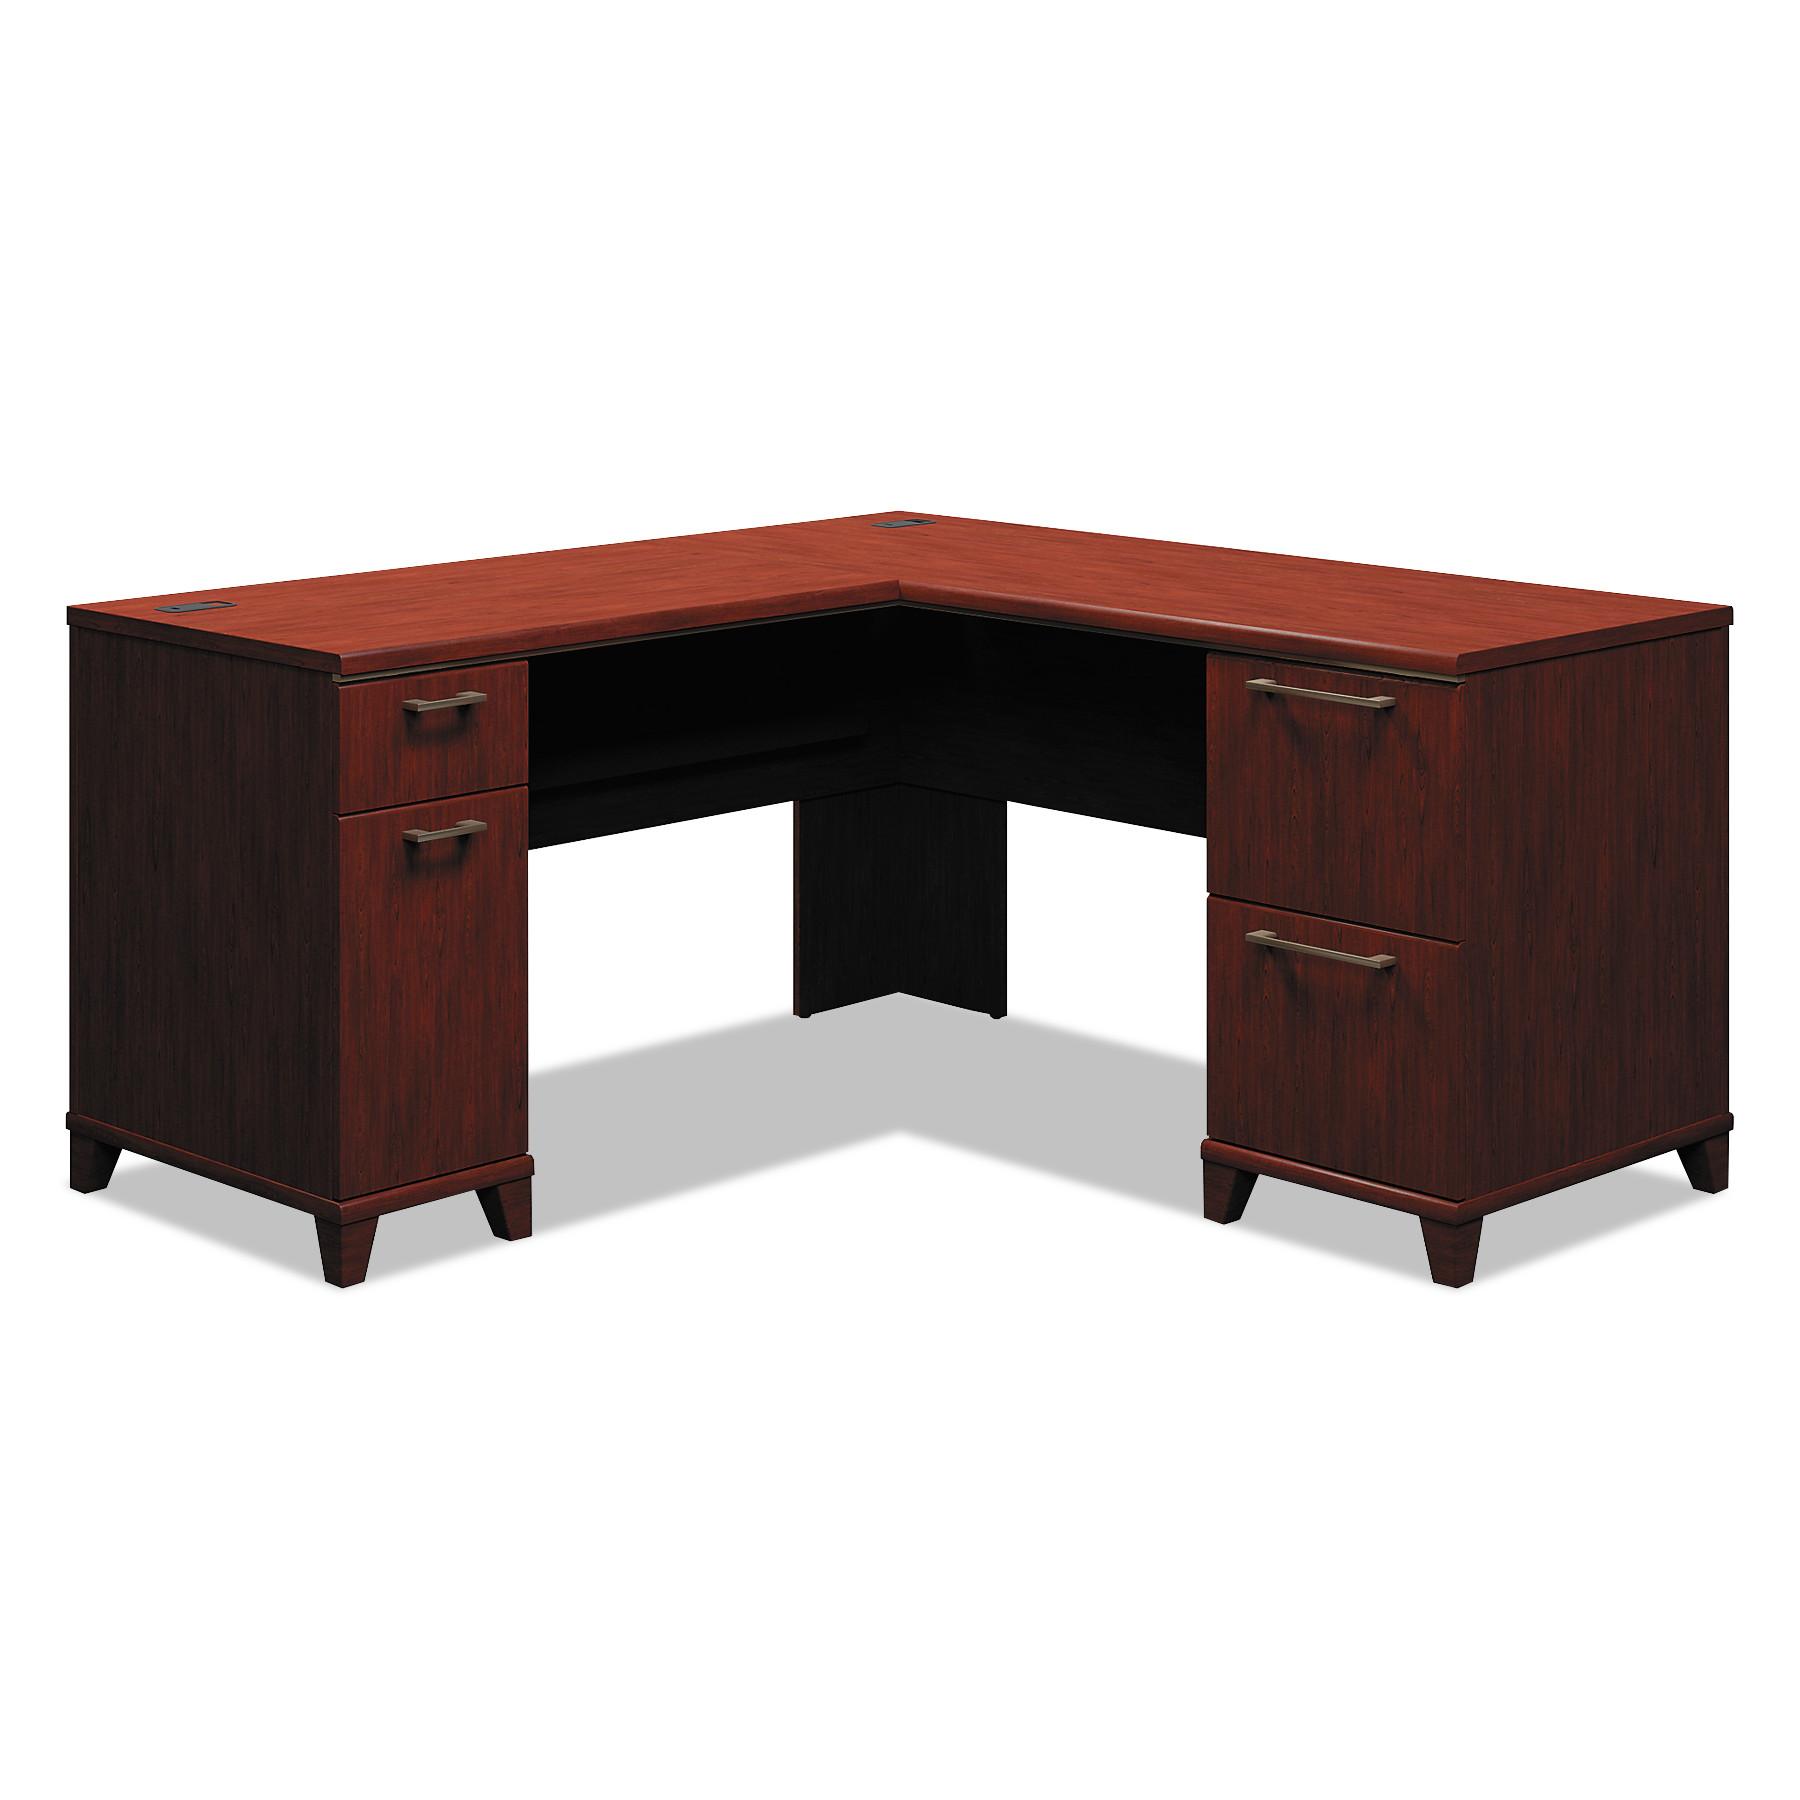 Enterprise Collection 60W x 60D L-Desk, Harvest Cherry (Box 2 of 2)